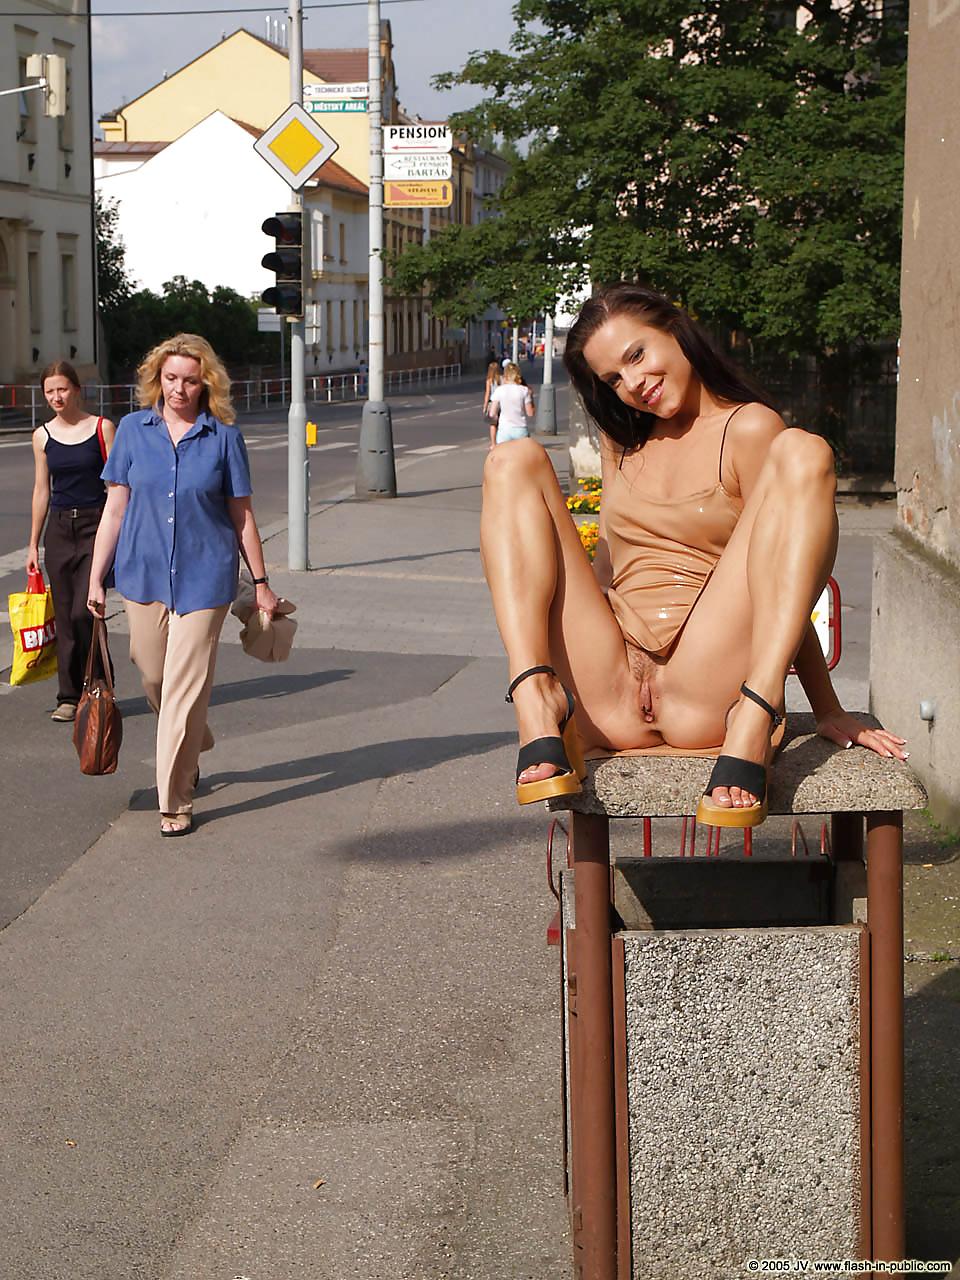 Смотреть русские девушки показывают вагину в общественном месте онлайн — pic 3